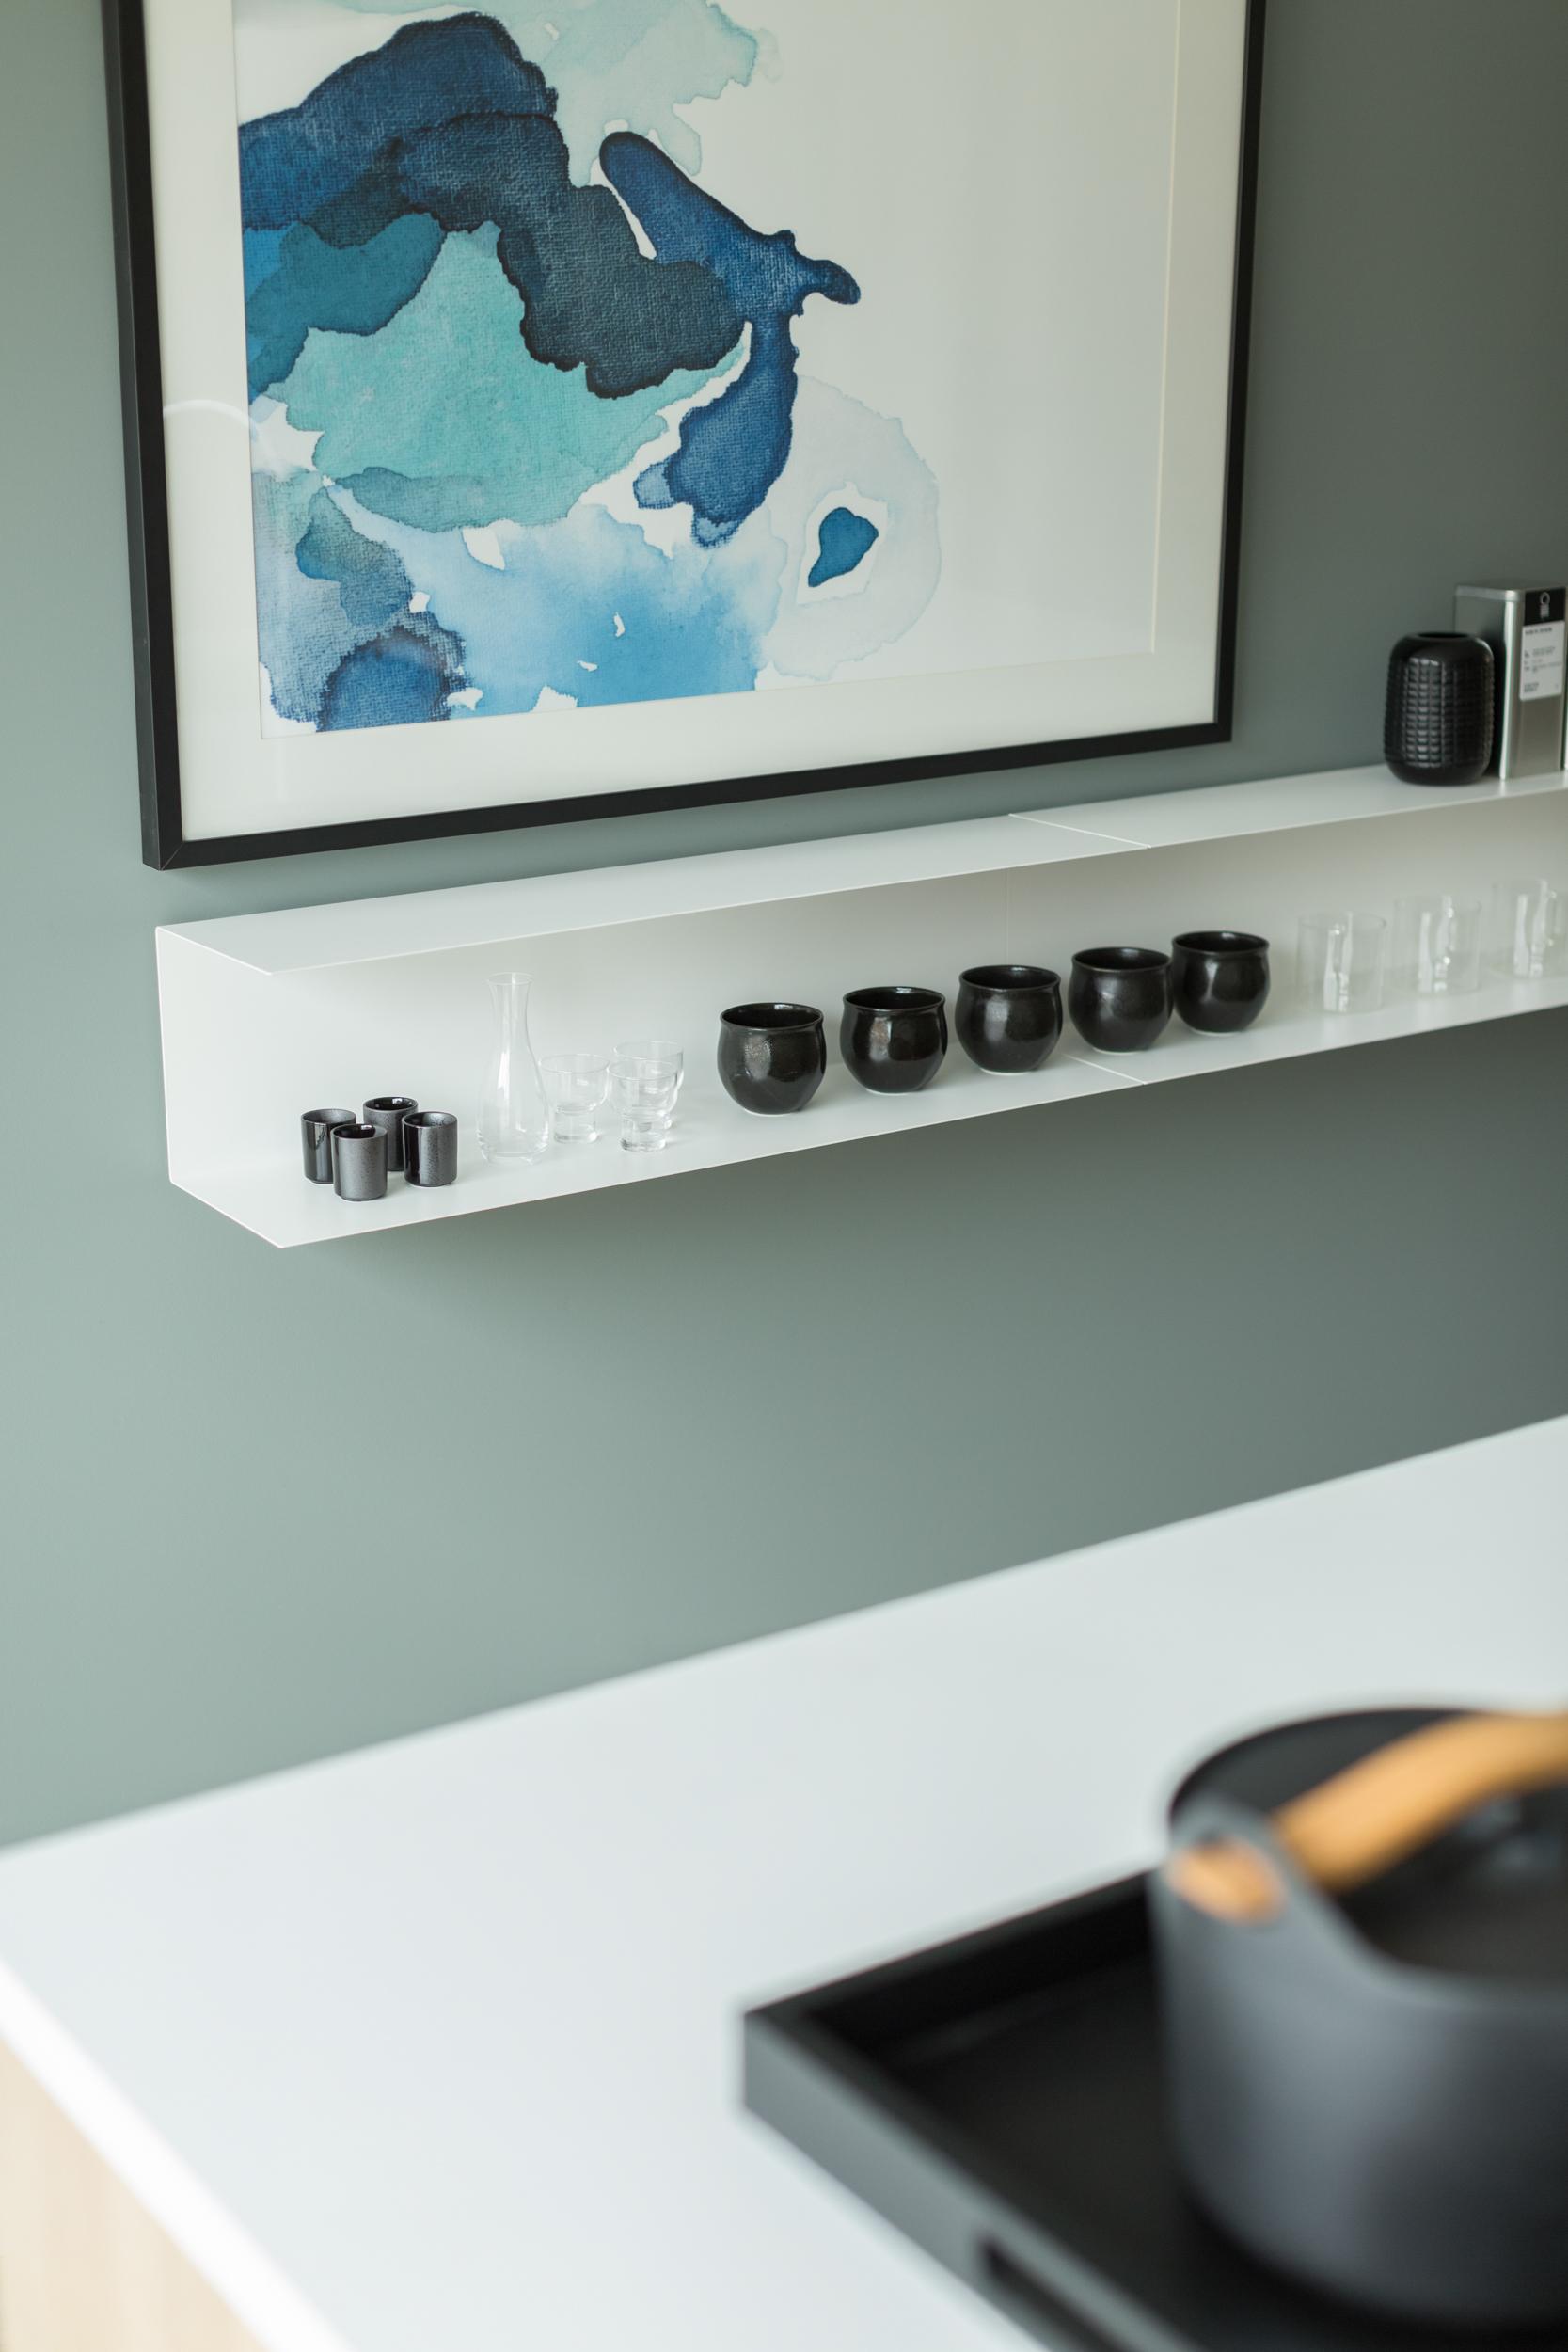 designreflektor-editorial-commercial-photopgraphy-vancouver-0239.jpg